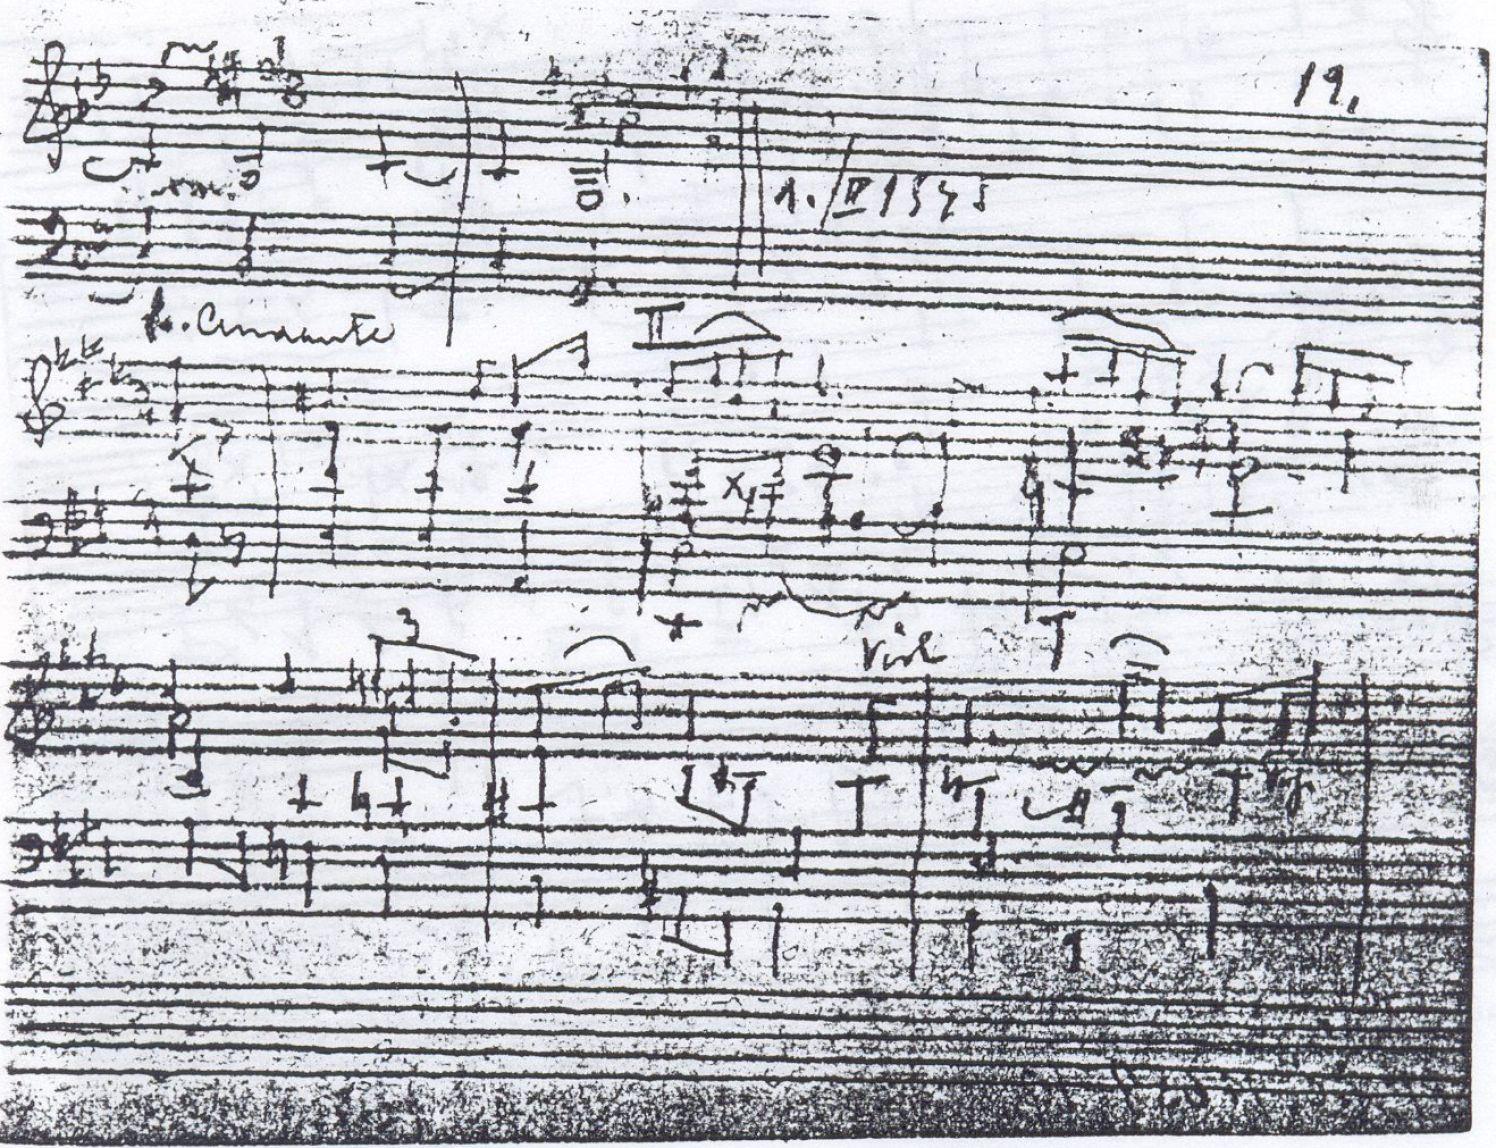 ユダヤ系チェコ人の作曲家Rudolf Karel氏がテレジエンシュタットで作った楽曲(Courtesy of JNF UK / PHA GROUP)